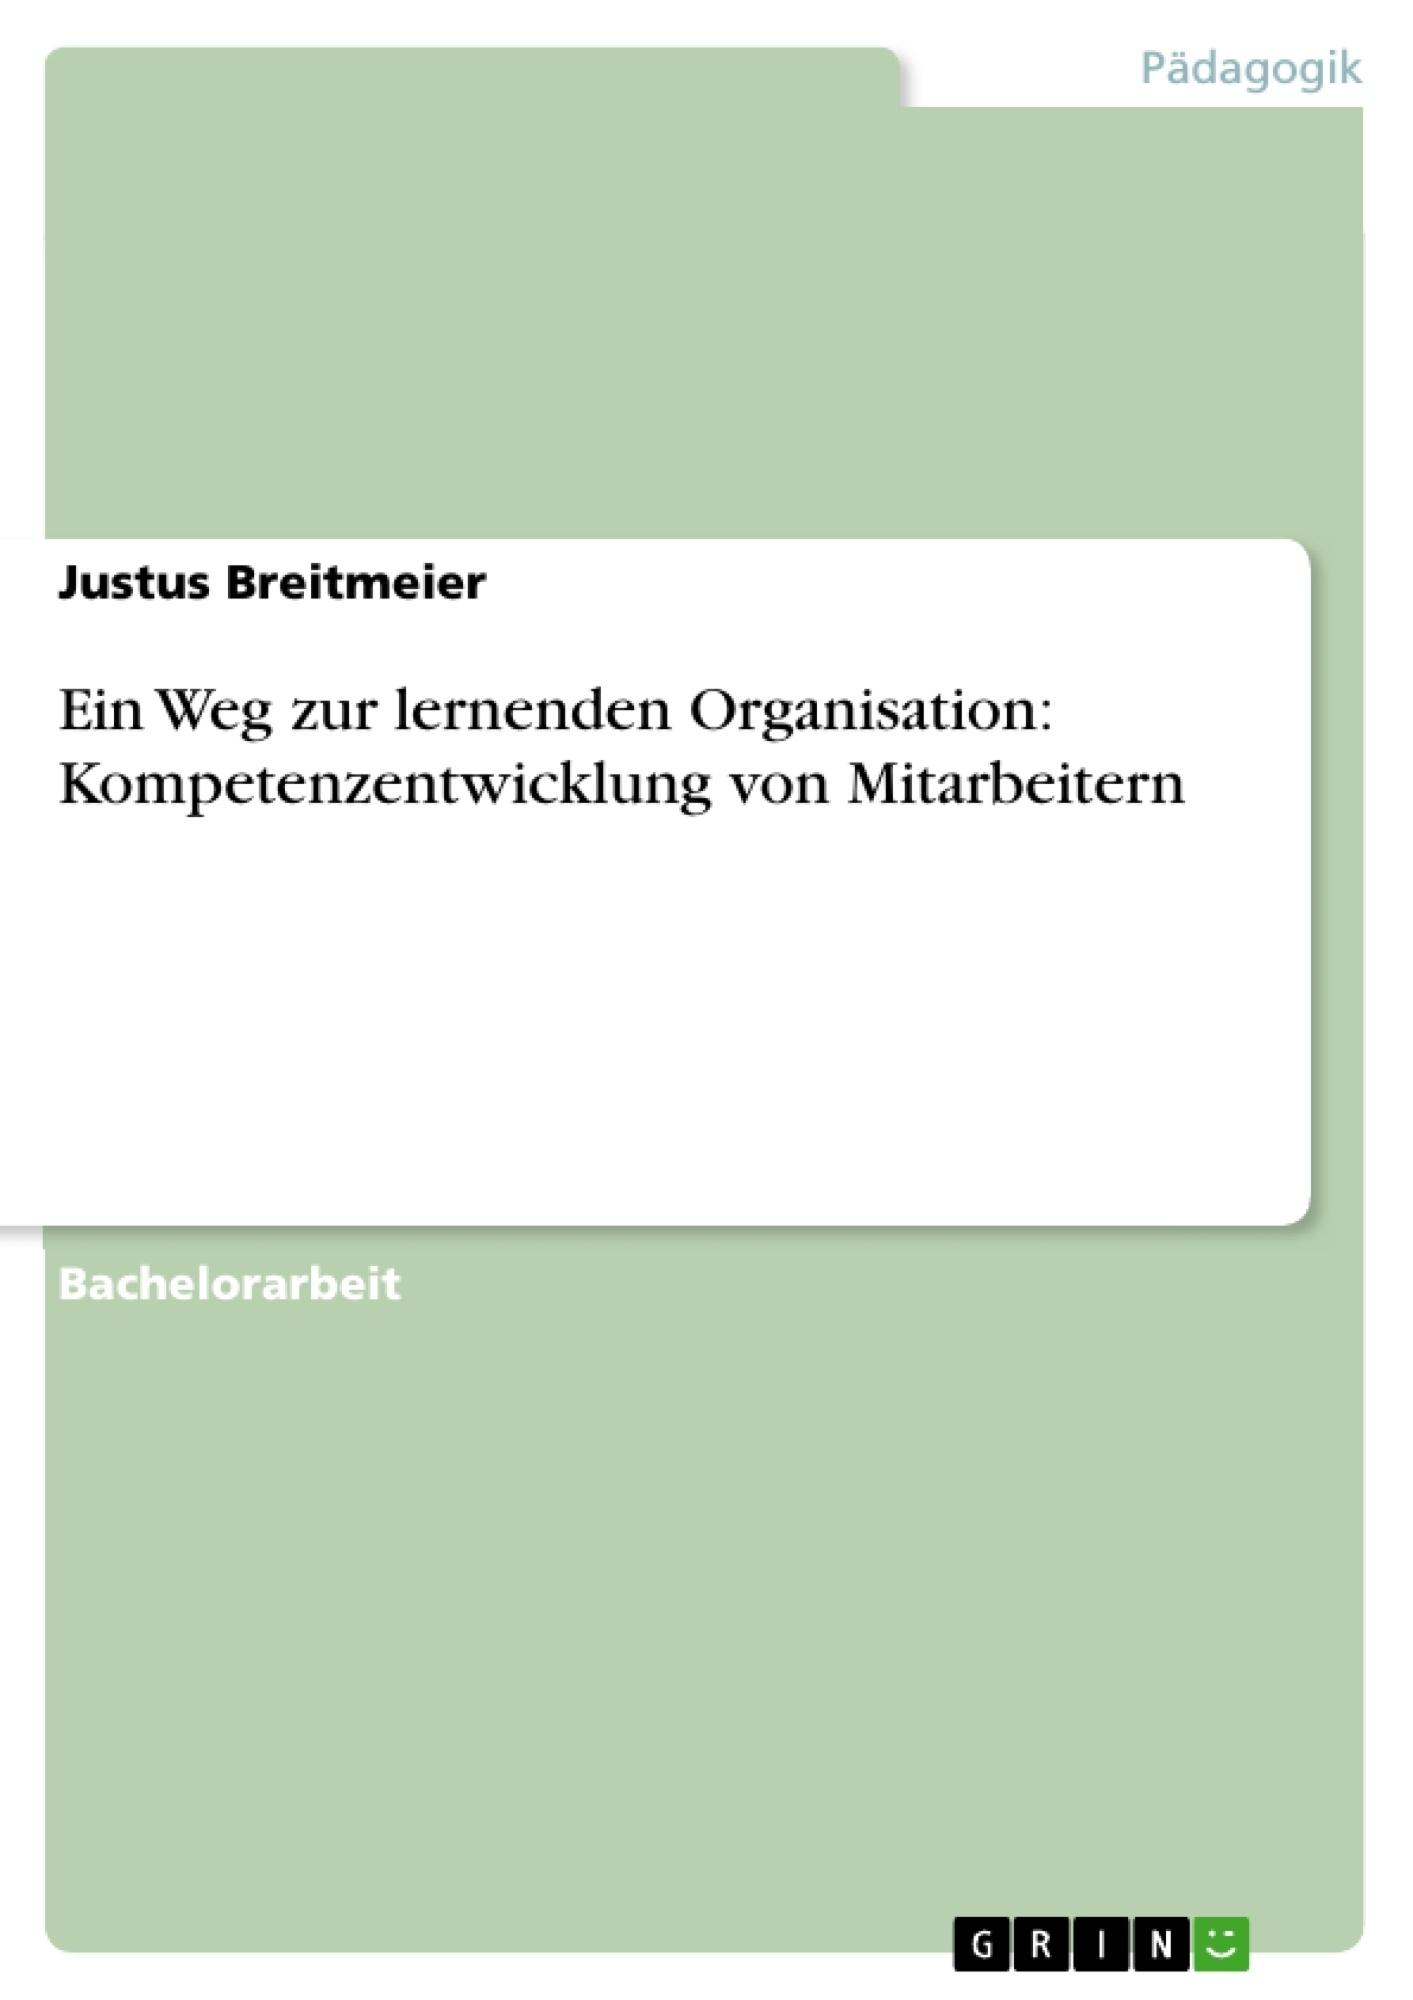 Titel: Ein Weg zur lernenden Organisation: Kompetenzentwicklung von Mitarbeitern